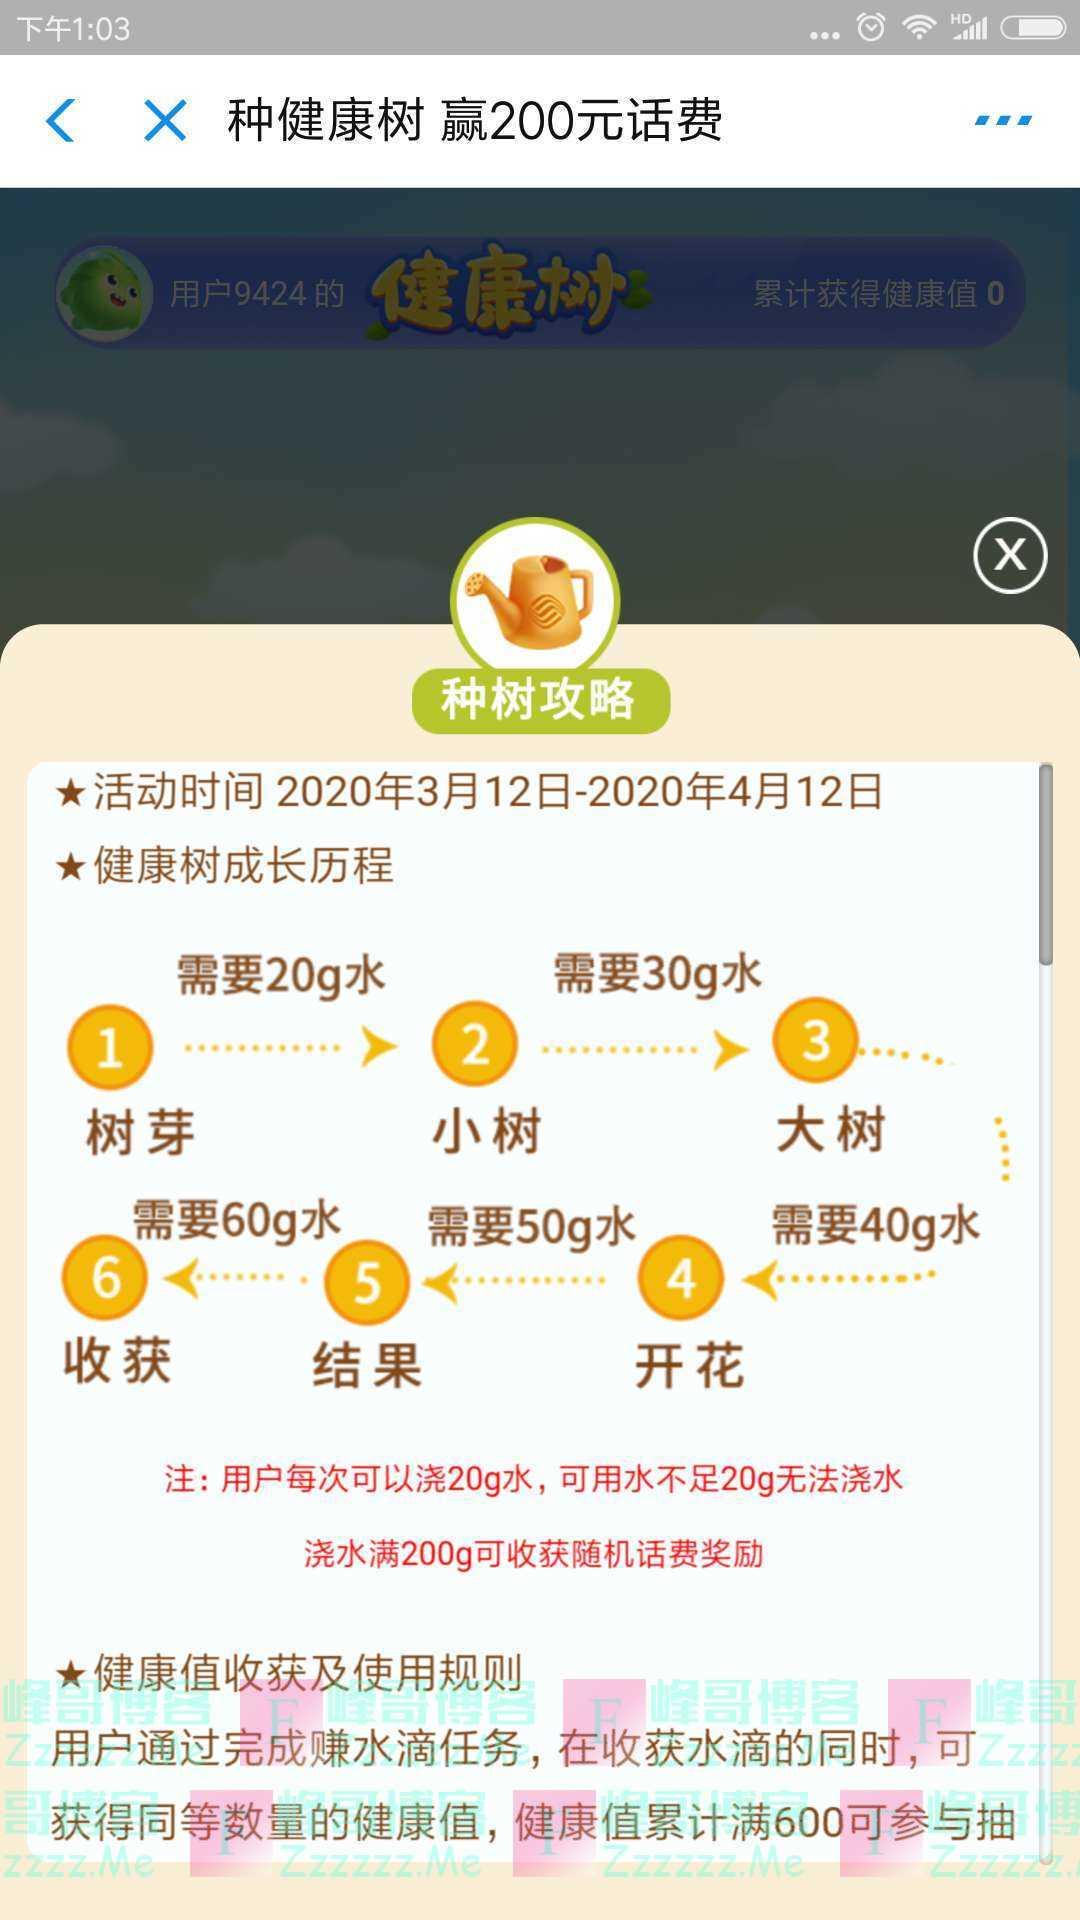 中国移动种健康树赢200元话费(截止4月12日)